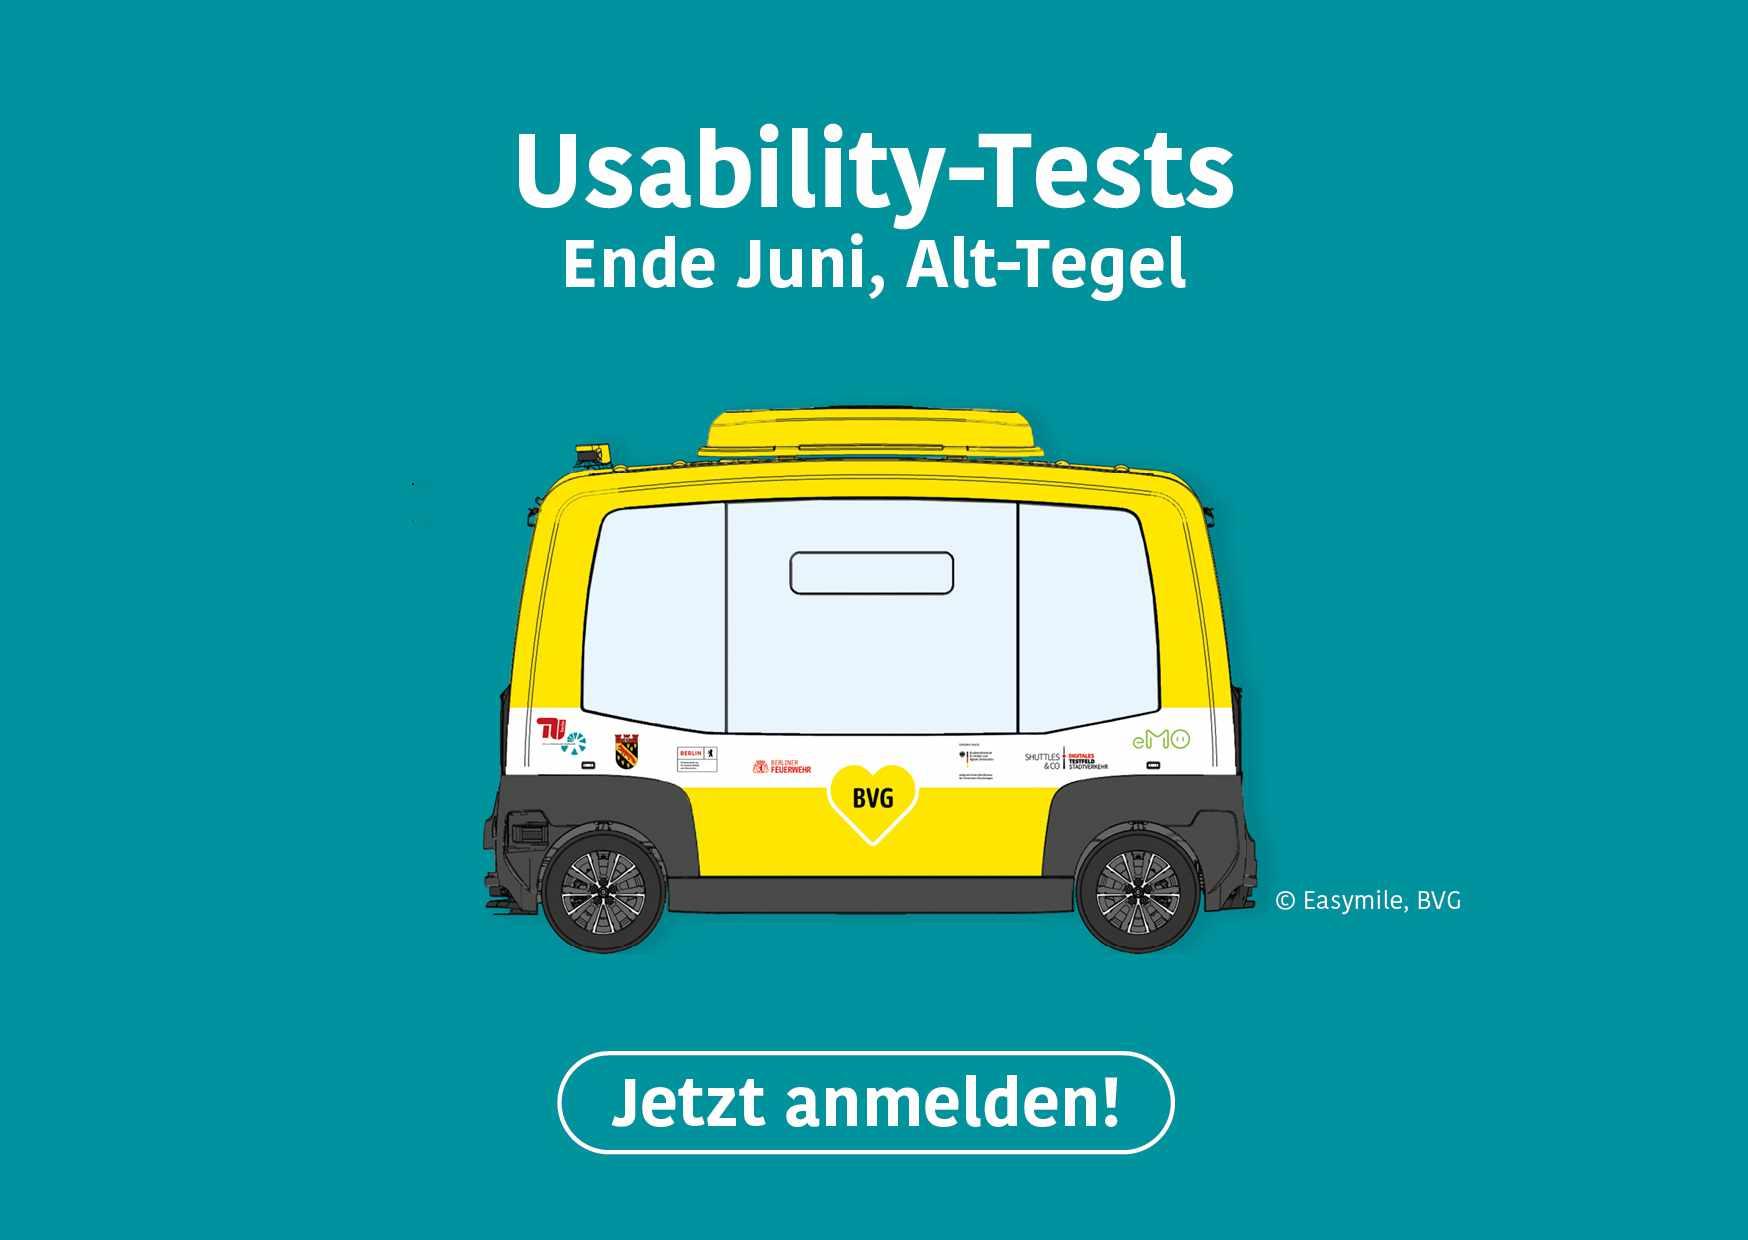 Werbebanner für Usability-Tests